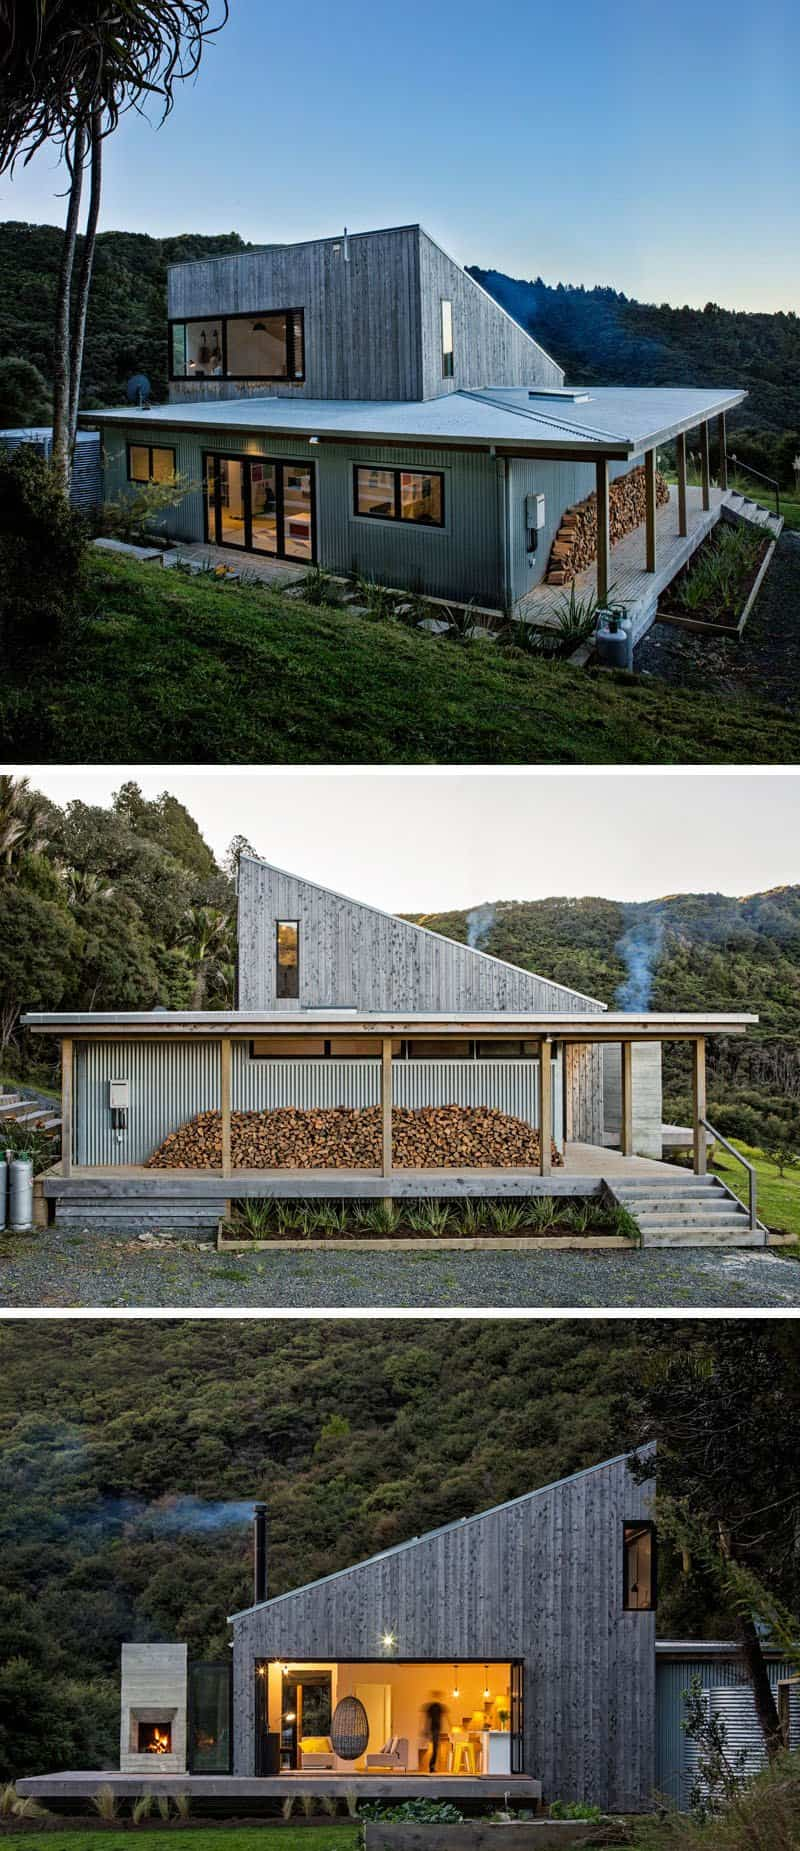 Casa rural en nueva zelanda con un dise o muy llamativo - Casas rurales grandes ...